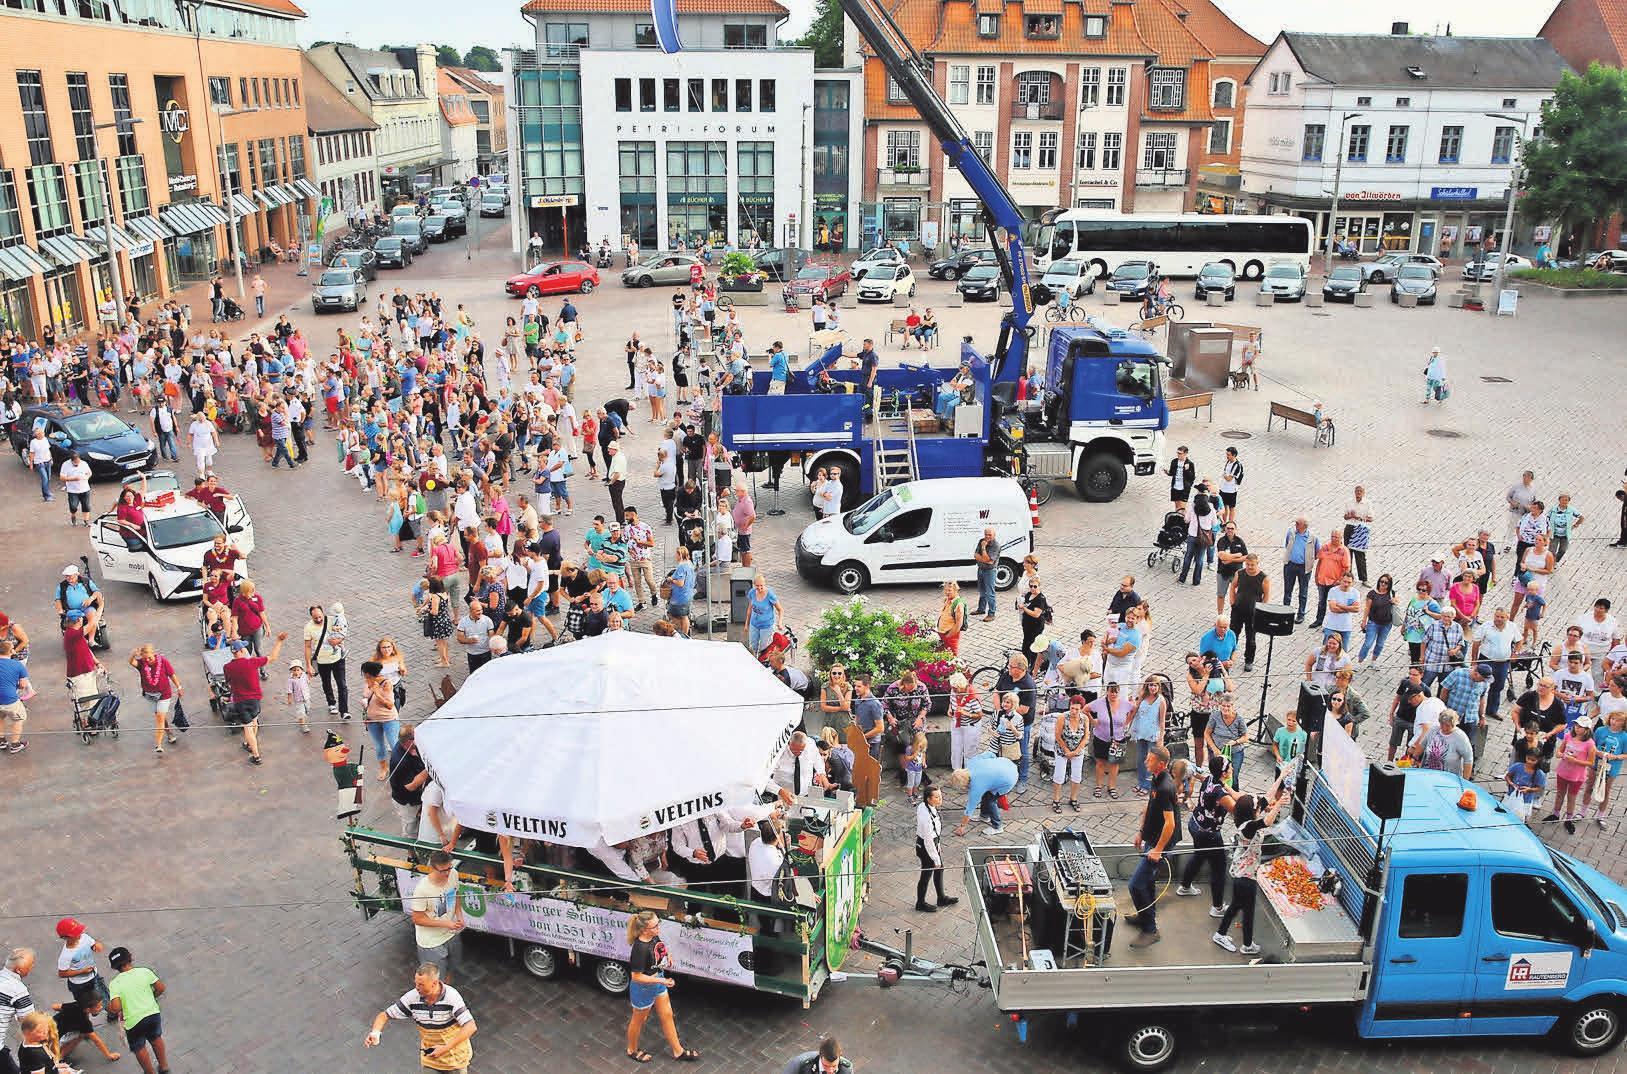 Die Ratzeburger Schützengilde von 1551 e.V. (Bildmitte unten) feierte beim Festumzug 2018 mit. Das wird sich auch im Jahr 2019 nicht ändern.      Fotos: hfr/Biller